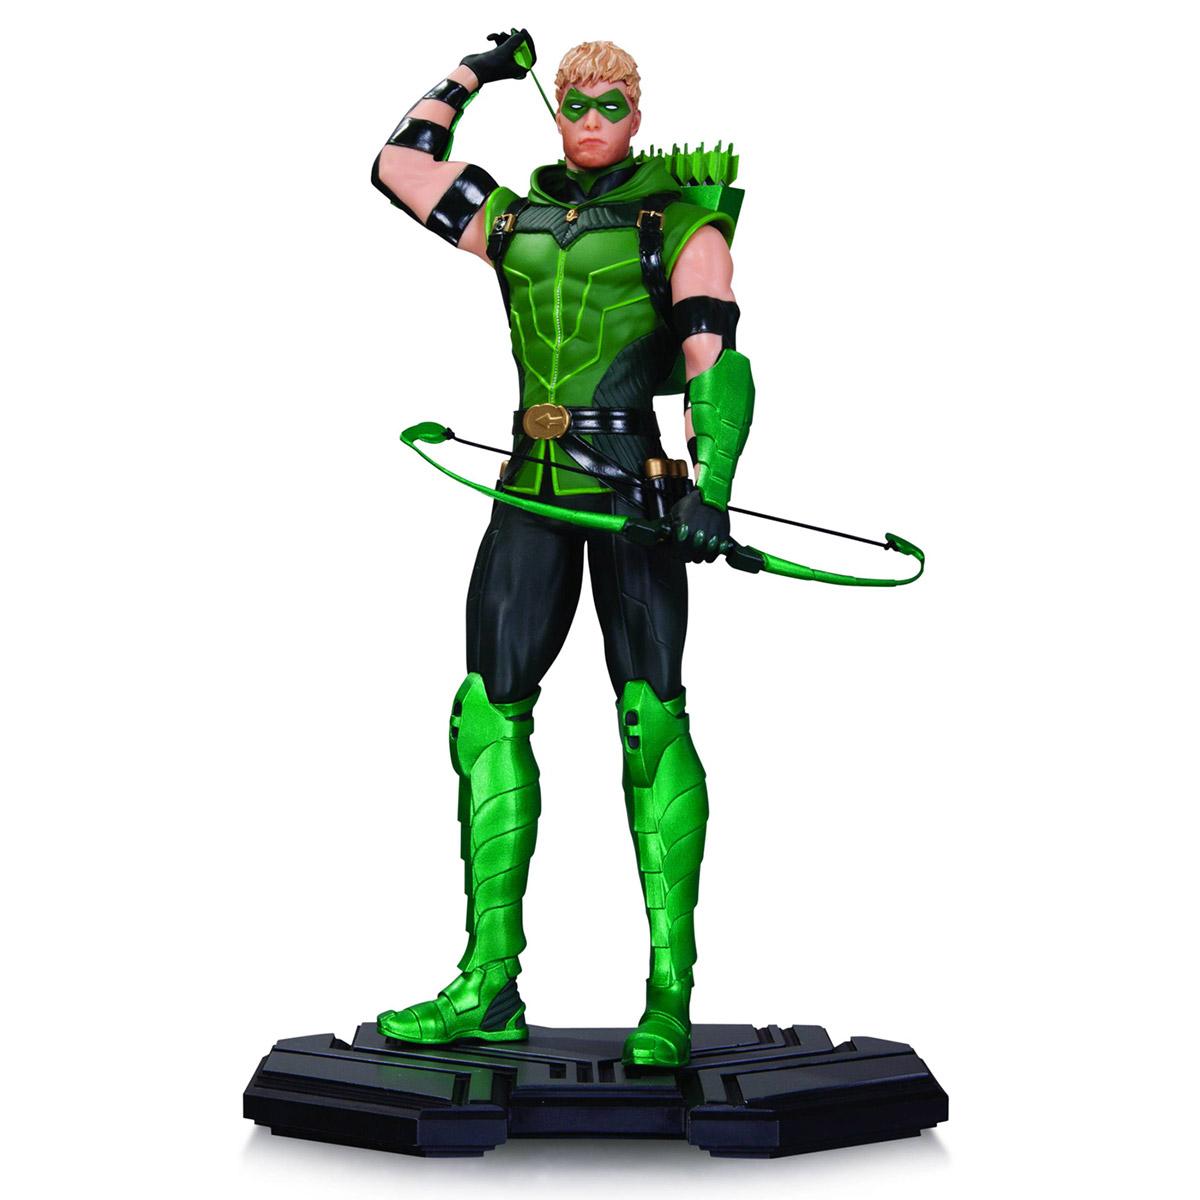 Boneco Green Arrow Comics Icons Statue